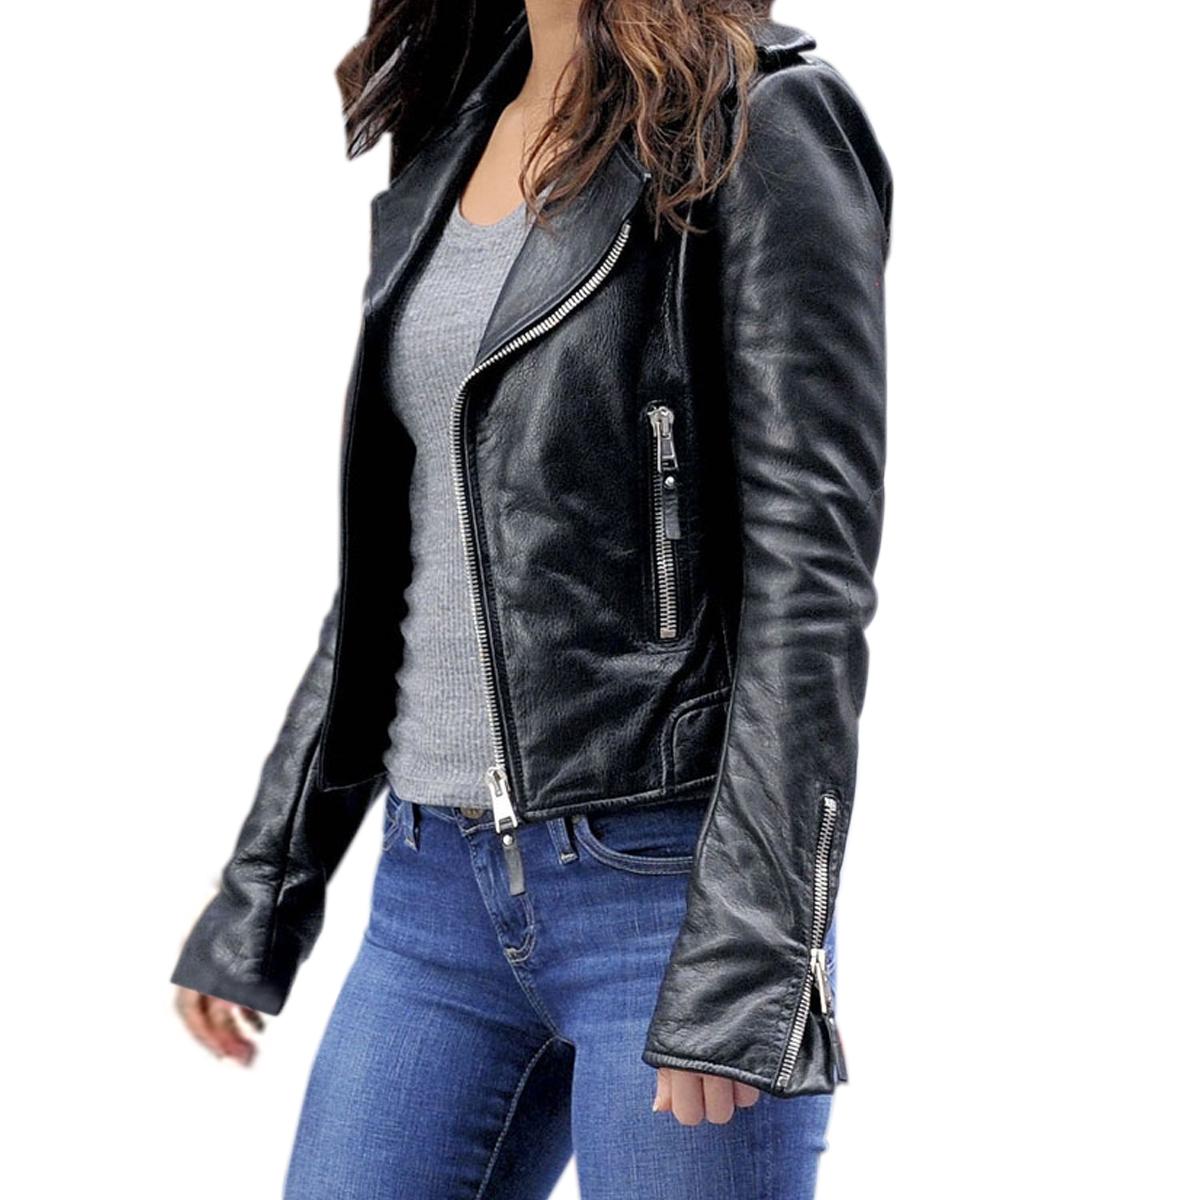 Megan Fox Teenage Mutant Ninja Turtles 2 Jacket